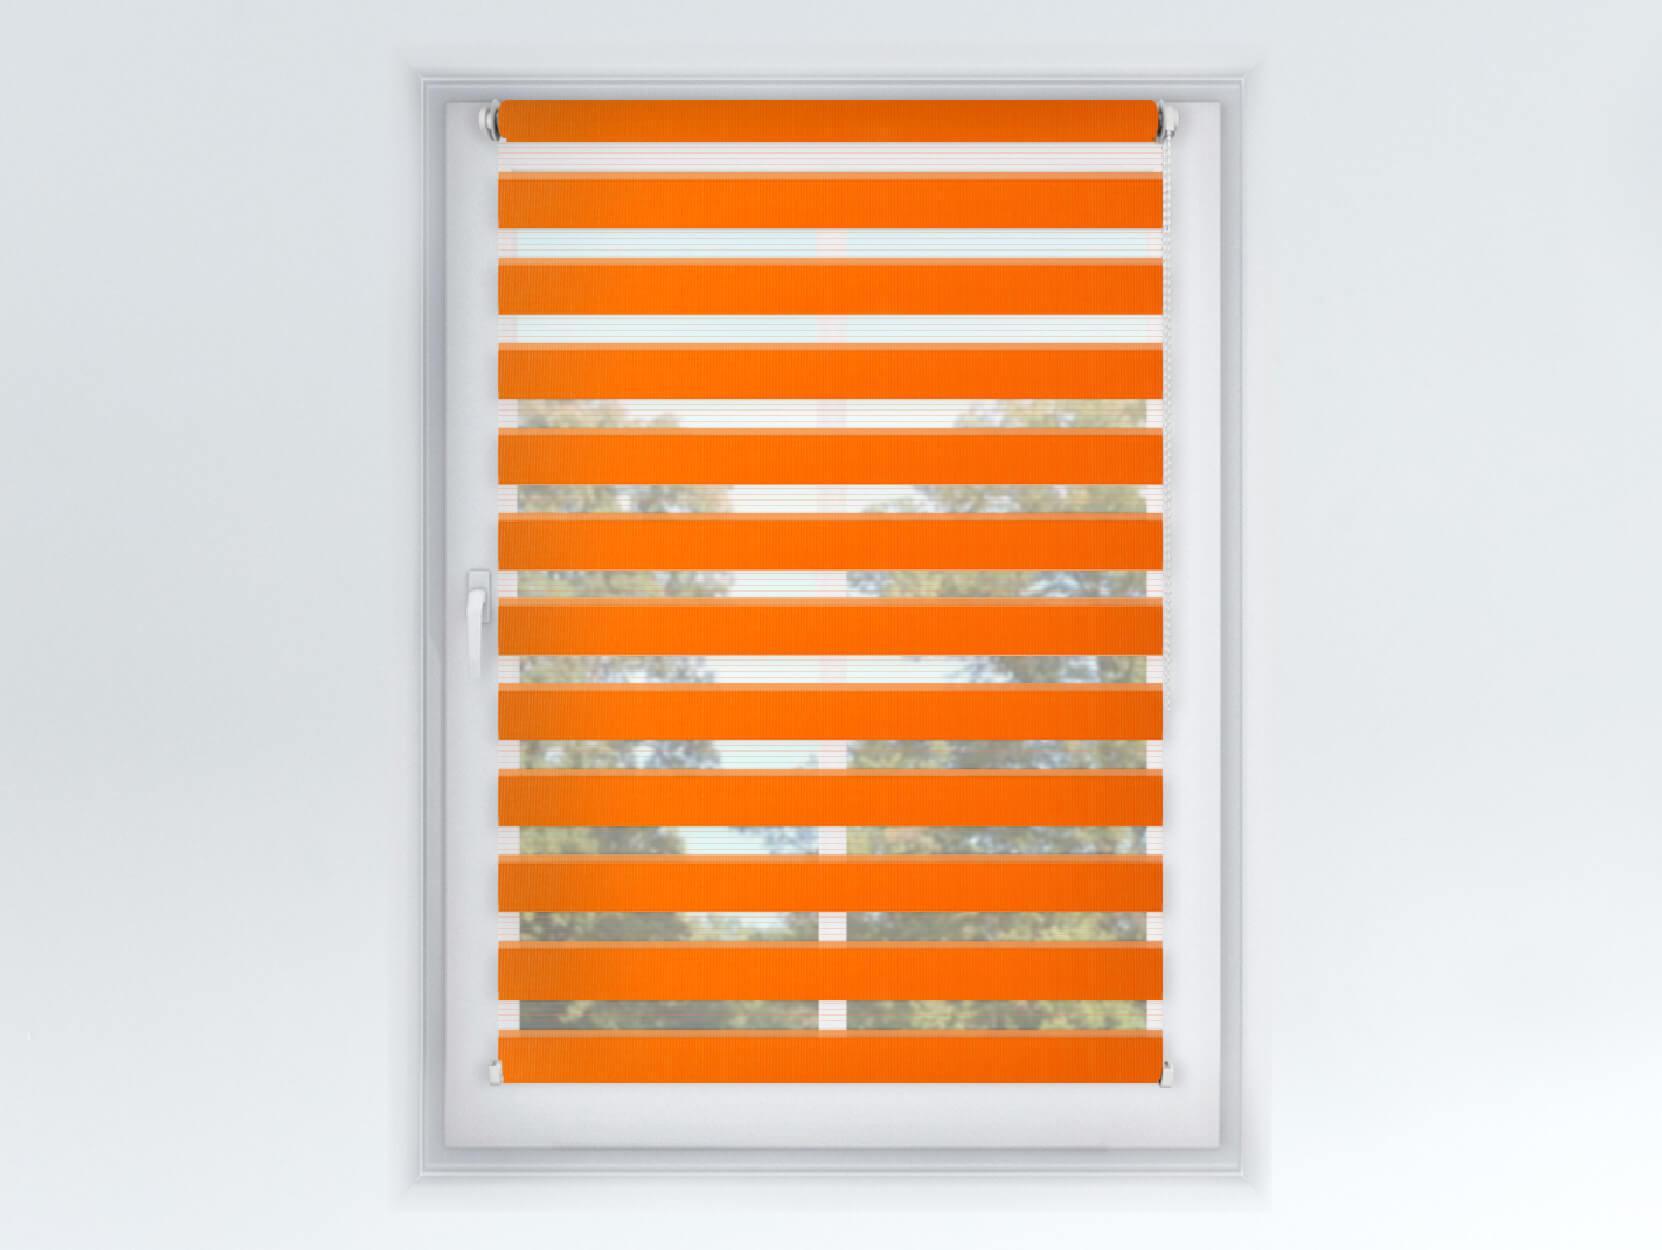 Roleta Deň a noc, Origin slim mandarínka, A 033 Šírka rolety: 30 cm, Výška rolety: 150 cm, Strana a farba mechanizmu: Pravá - Hnedá